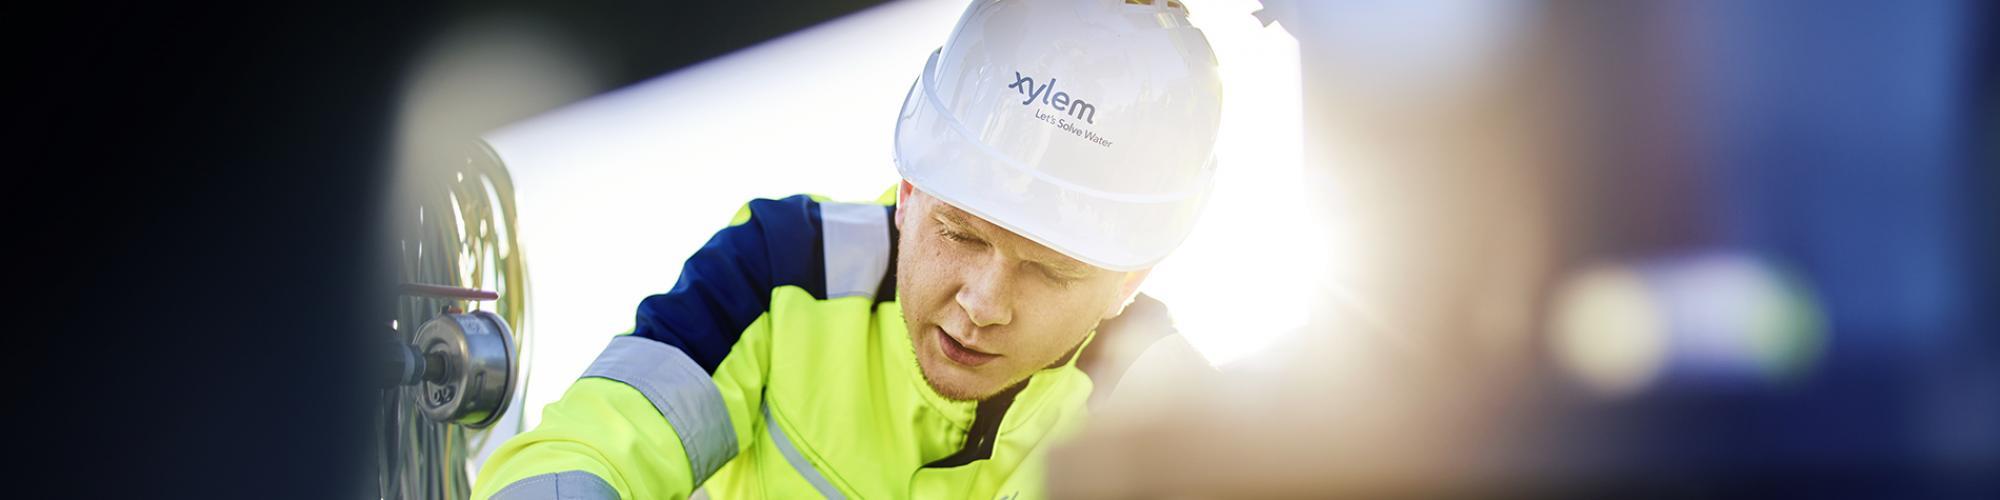 Xylem Water Solutions Deutschland GmbH